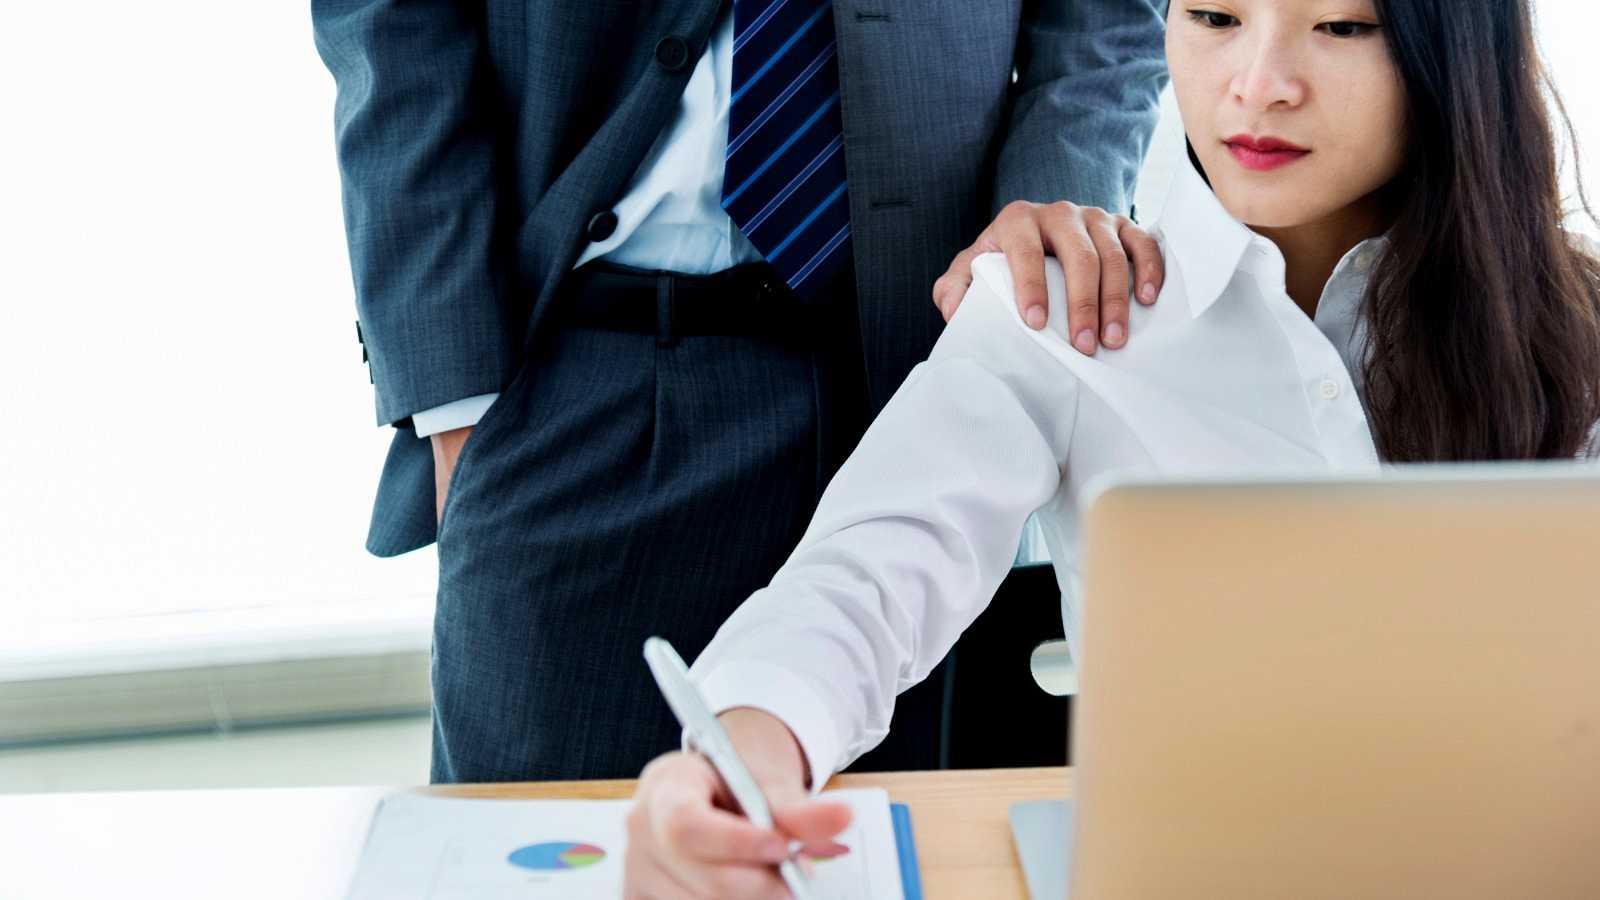 ¿Cómo sanciona la ley el hostigamiento laboral?